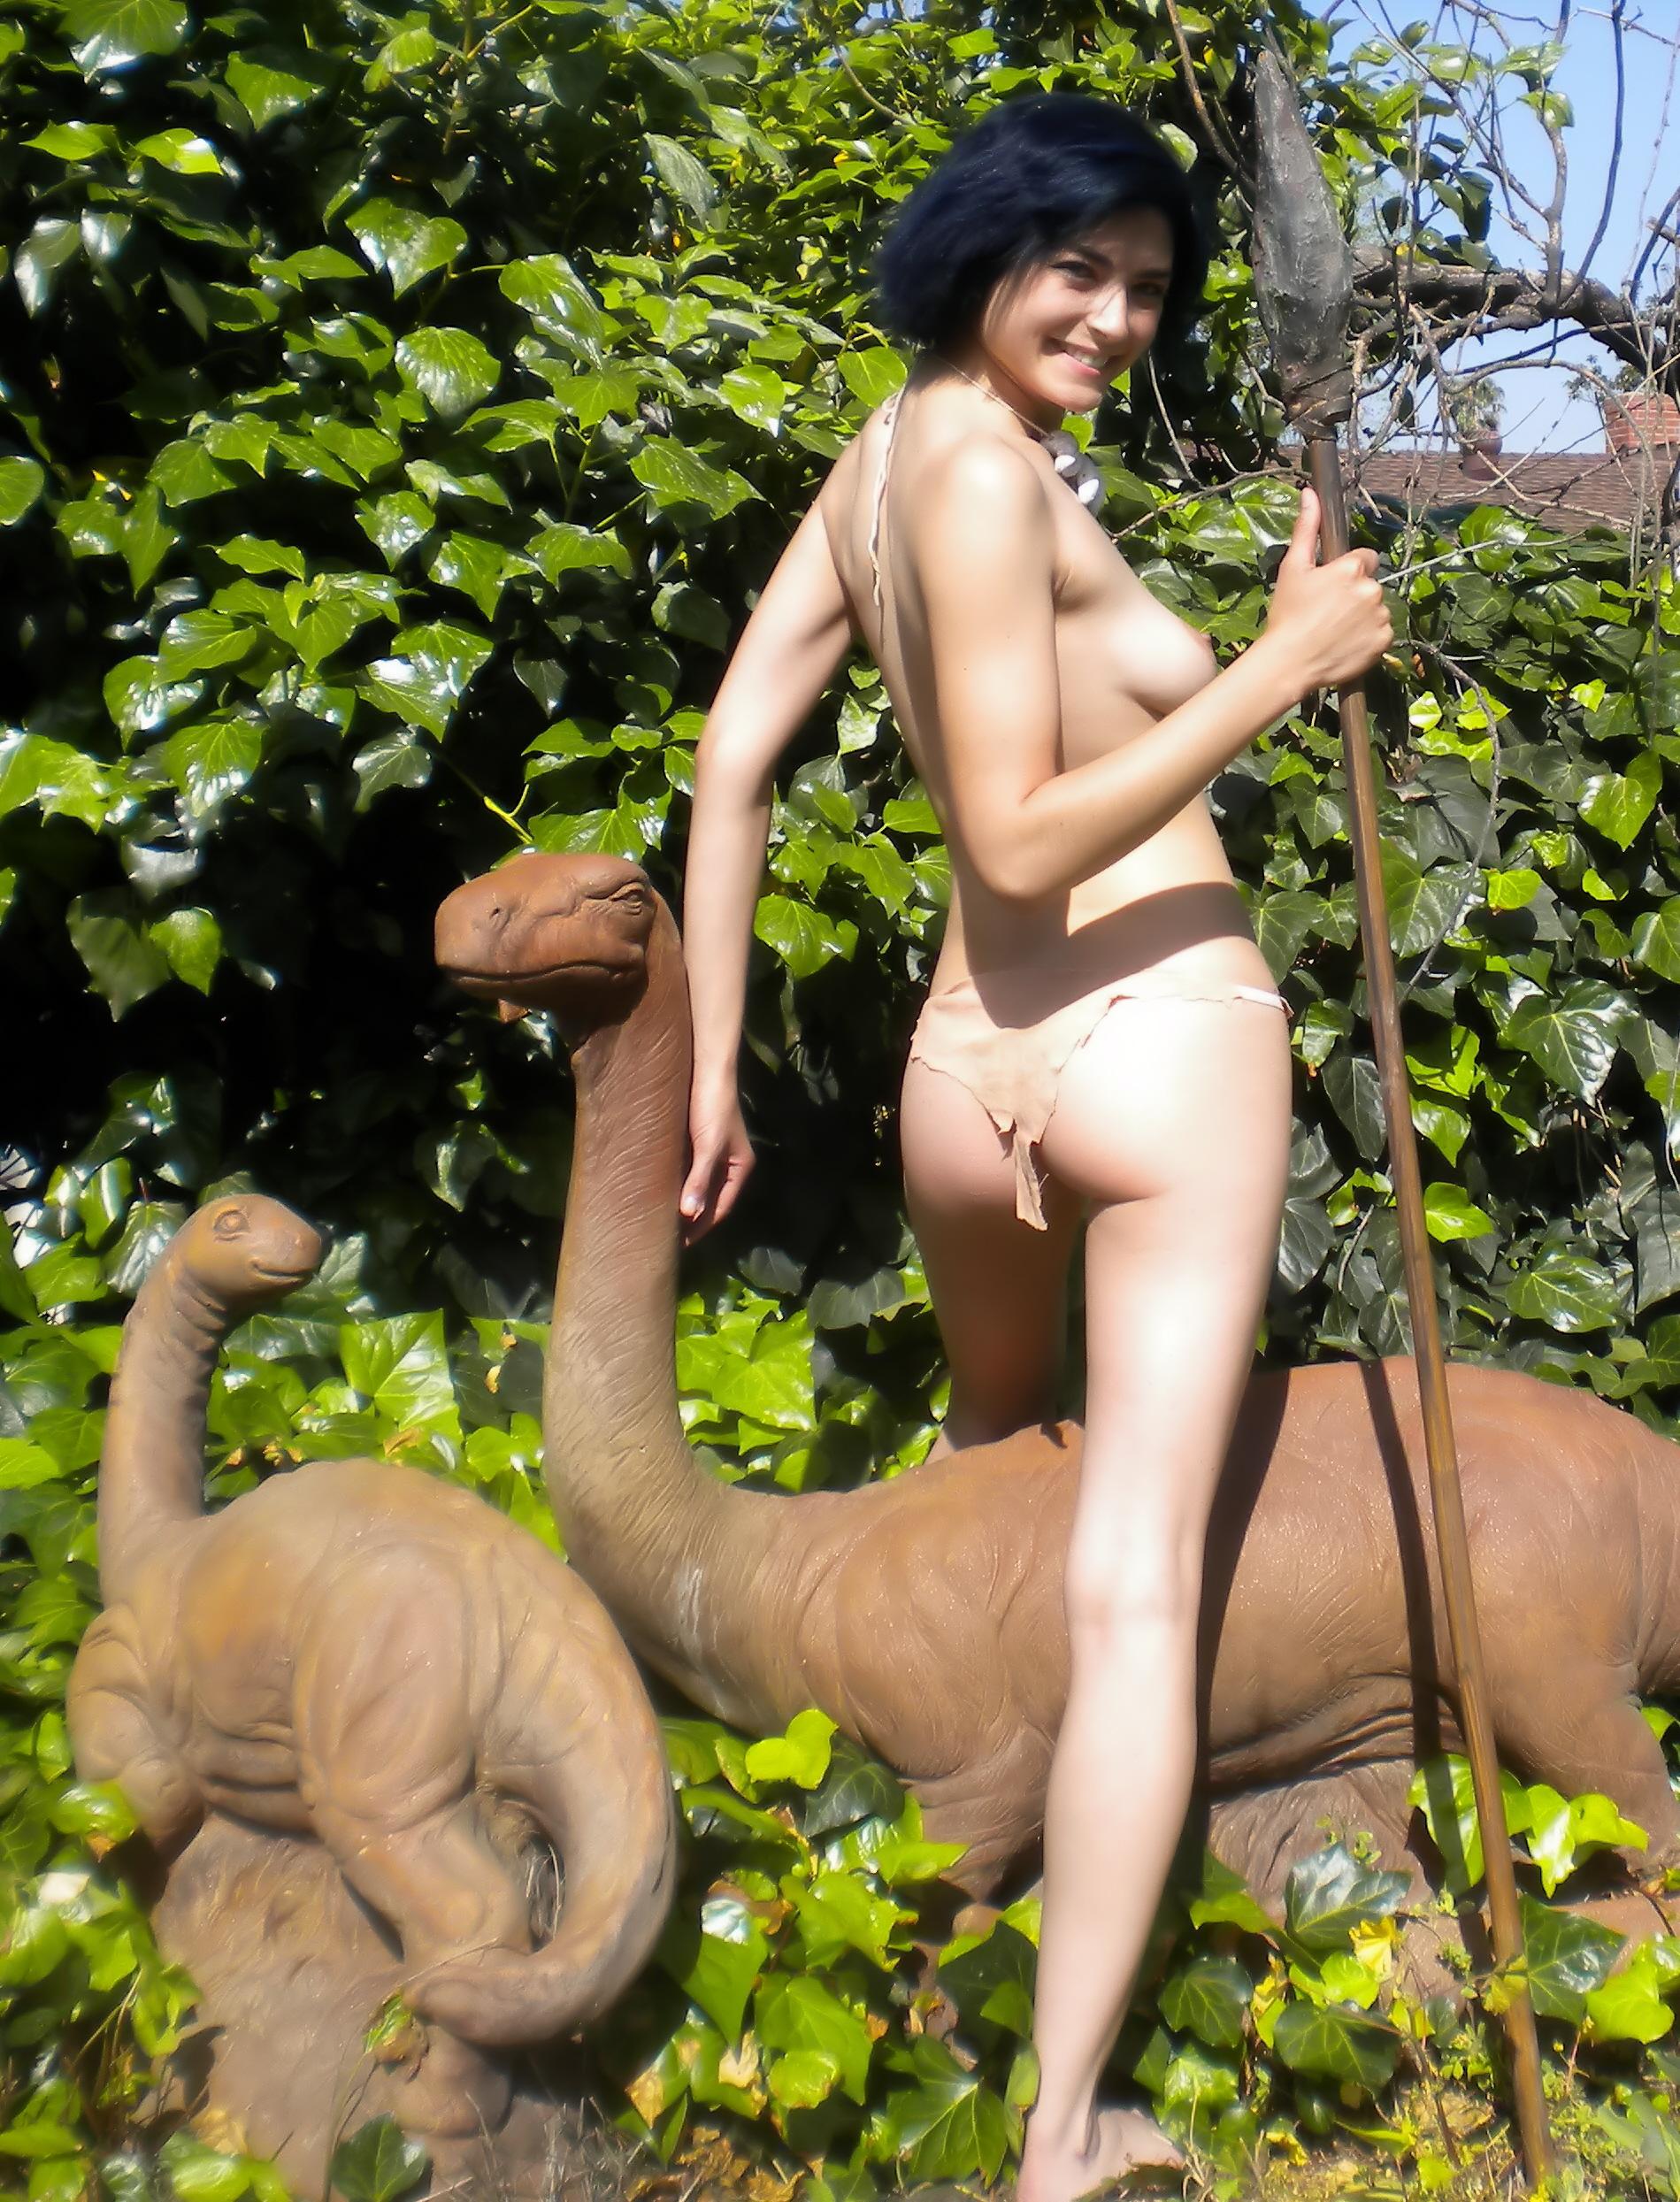 http://donglutsdinosaurs.com/wp-content/uploads/2014/09/cement-sauropods.jpg